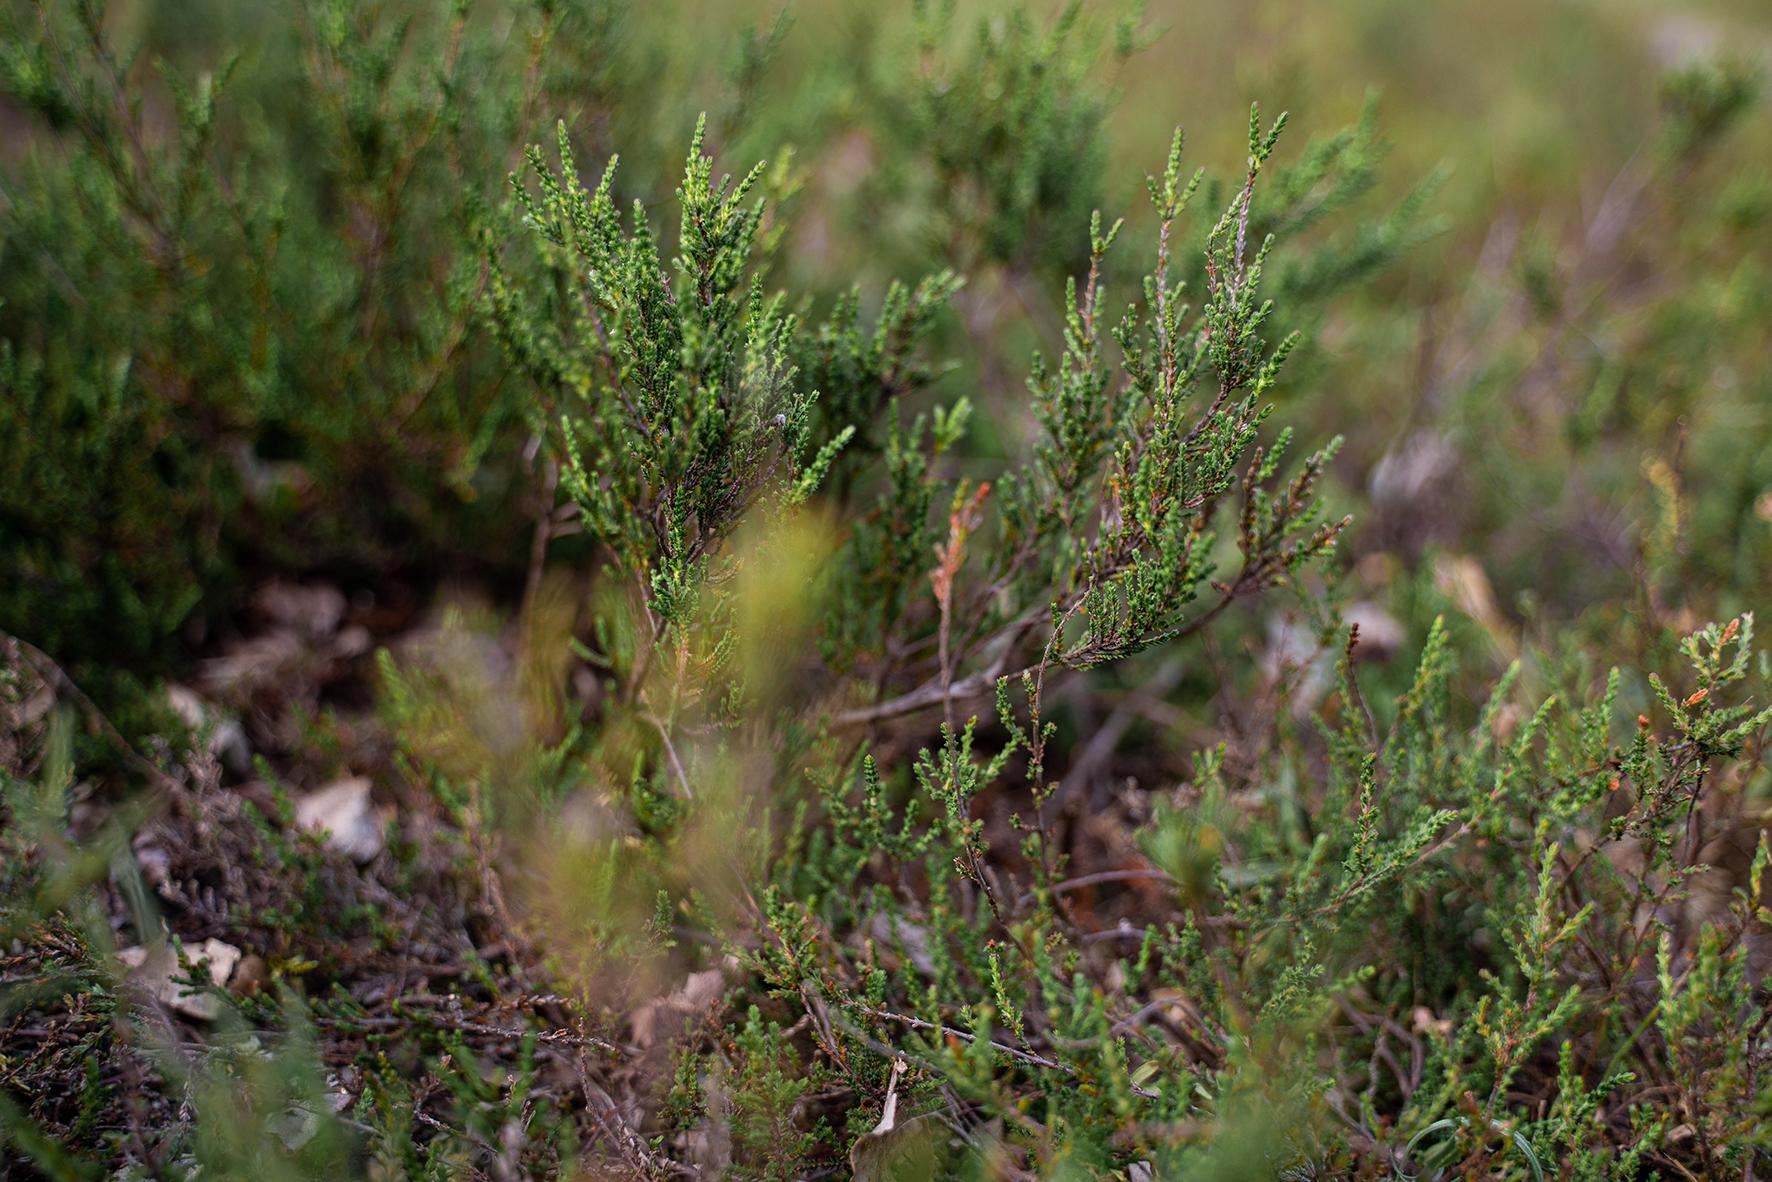 Detailfoto Heidelandschaft Naturfotos Fotografin Bremen